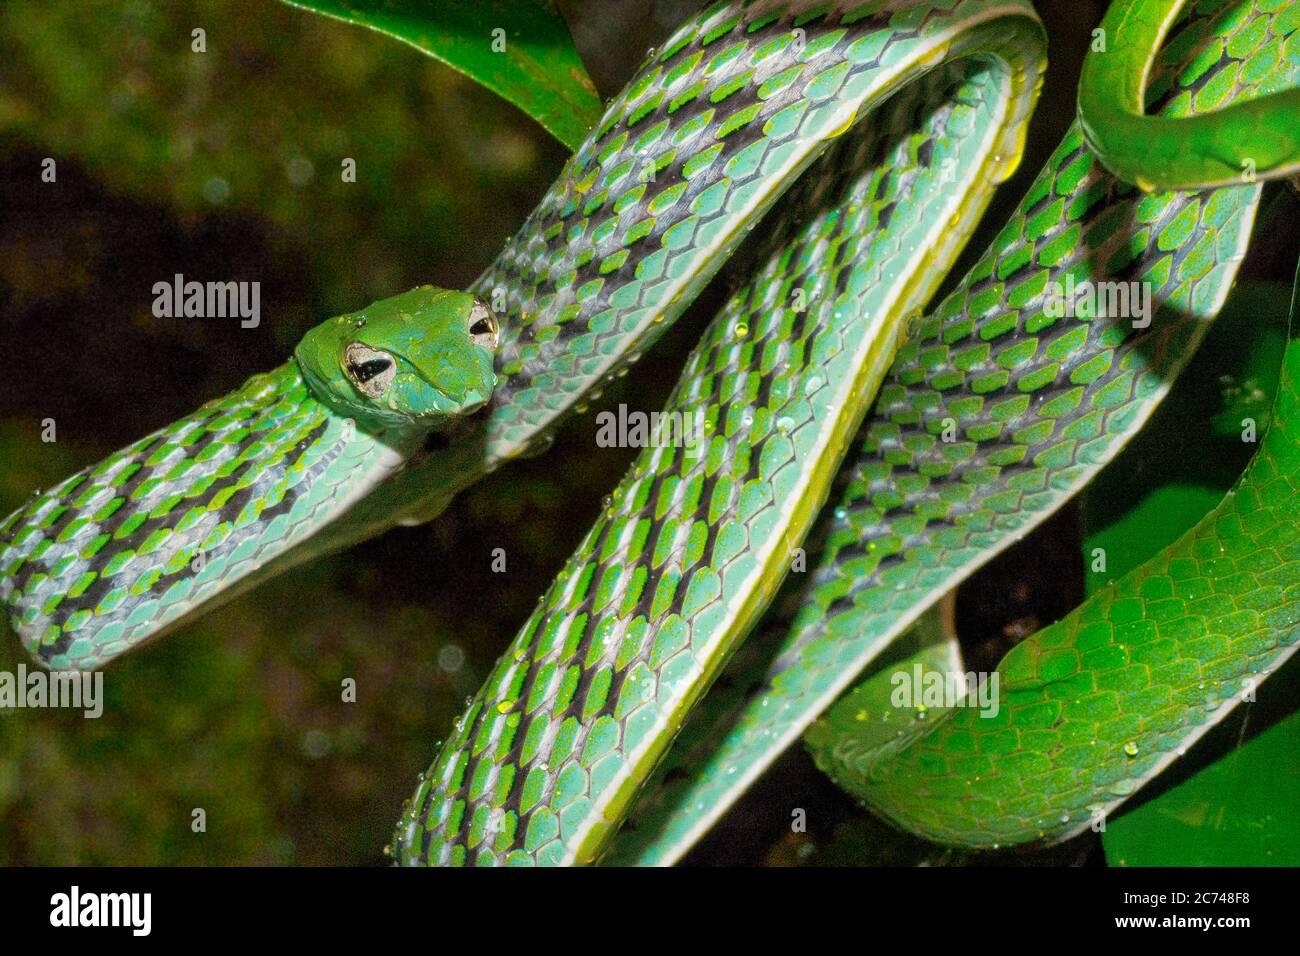 Serpent vert à vigne, Ahaetulla nasuta, forêt tropicale du parc national de Sinharaja, site du patrimoine mondial, réserve de biosphère, zone sauvage nationale, Sri Lanka Banque D'Images